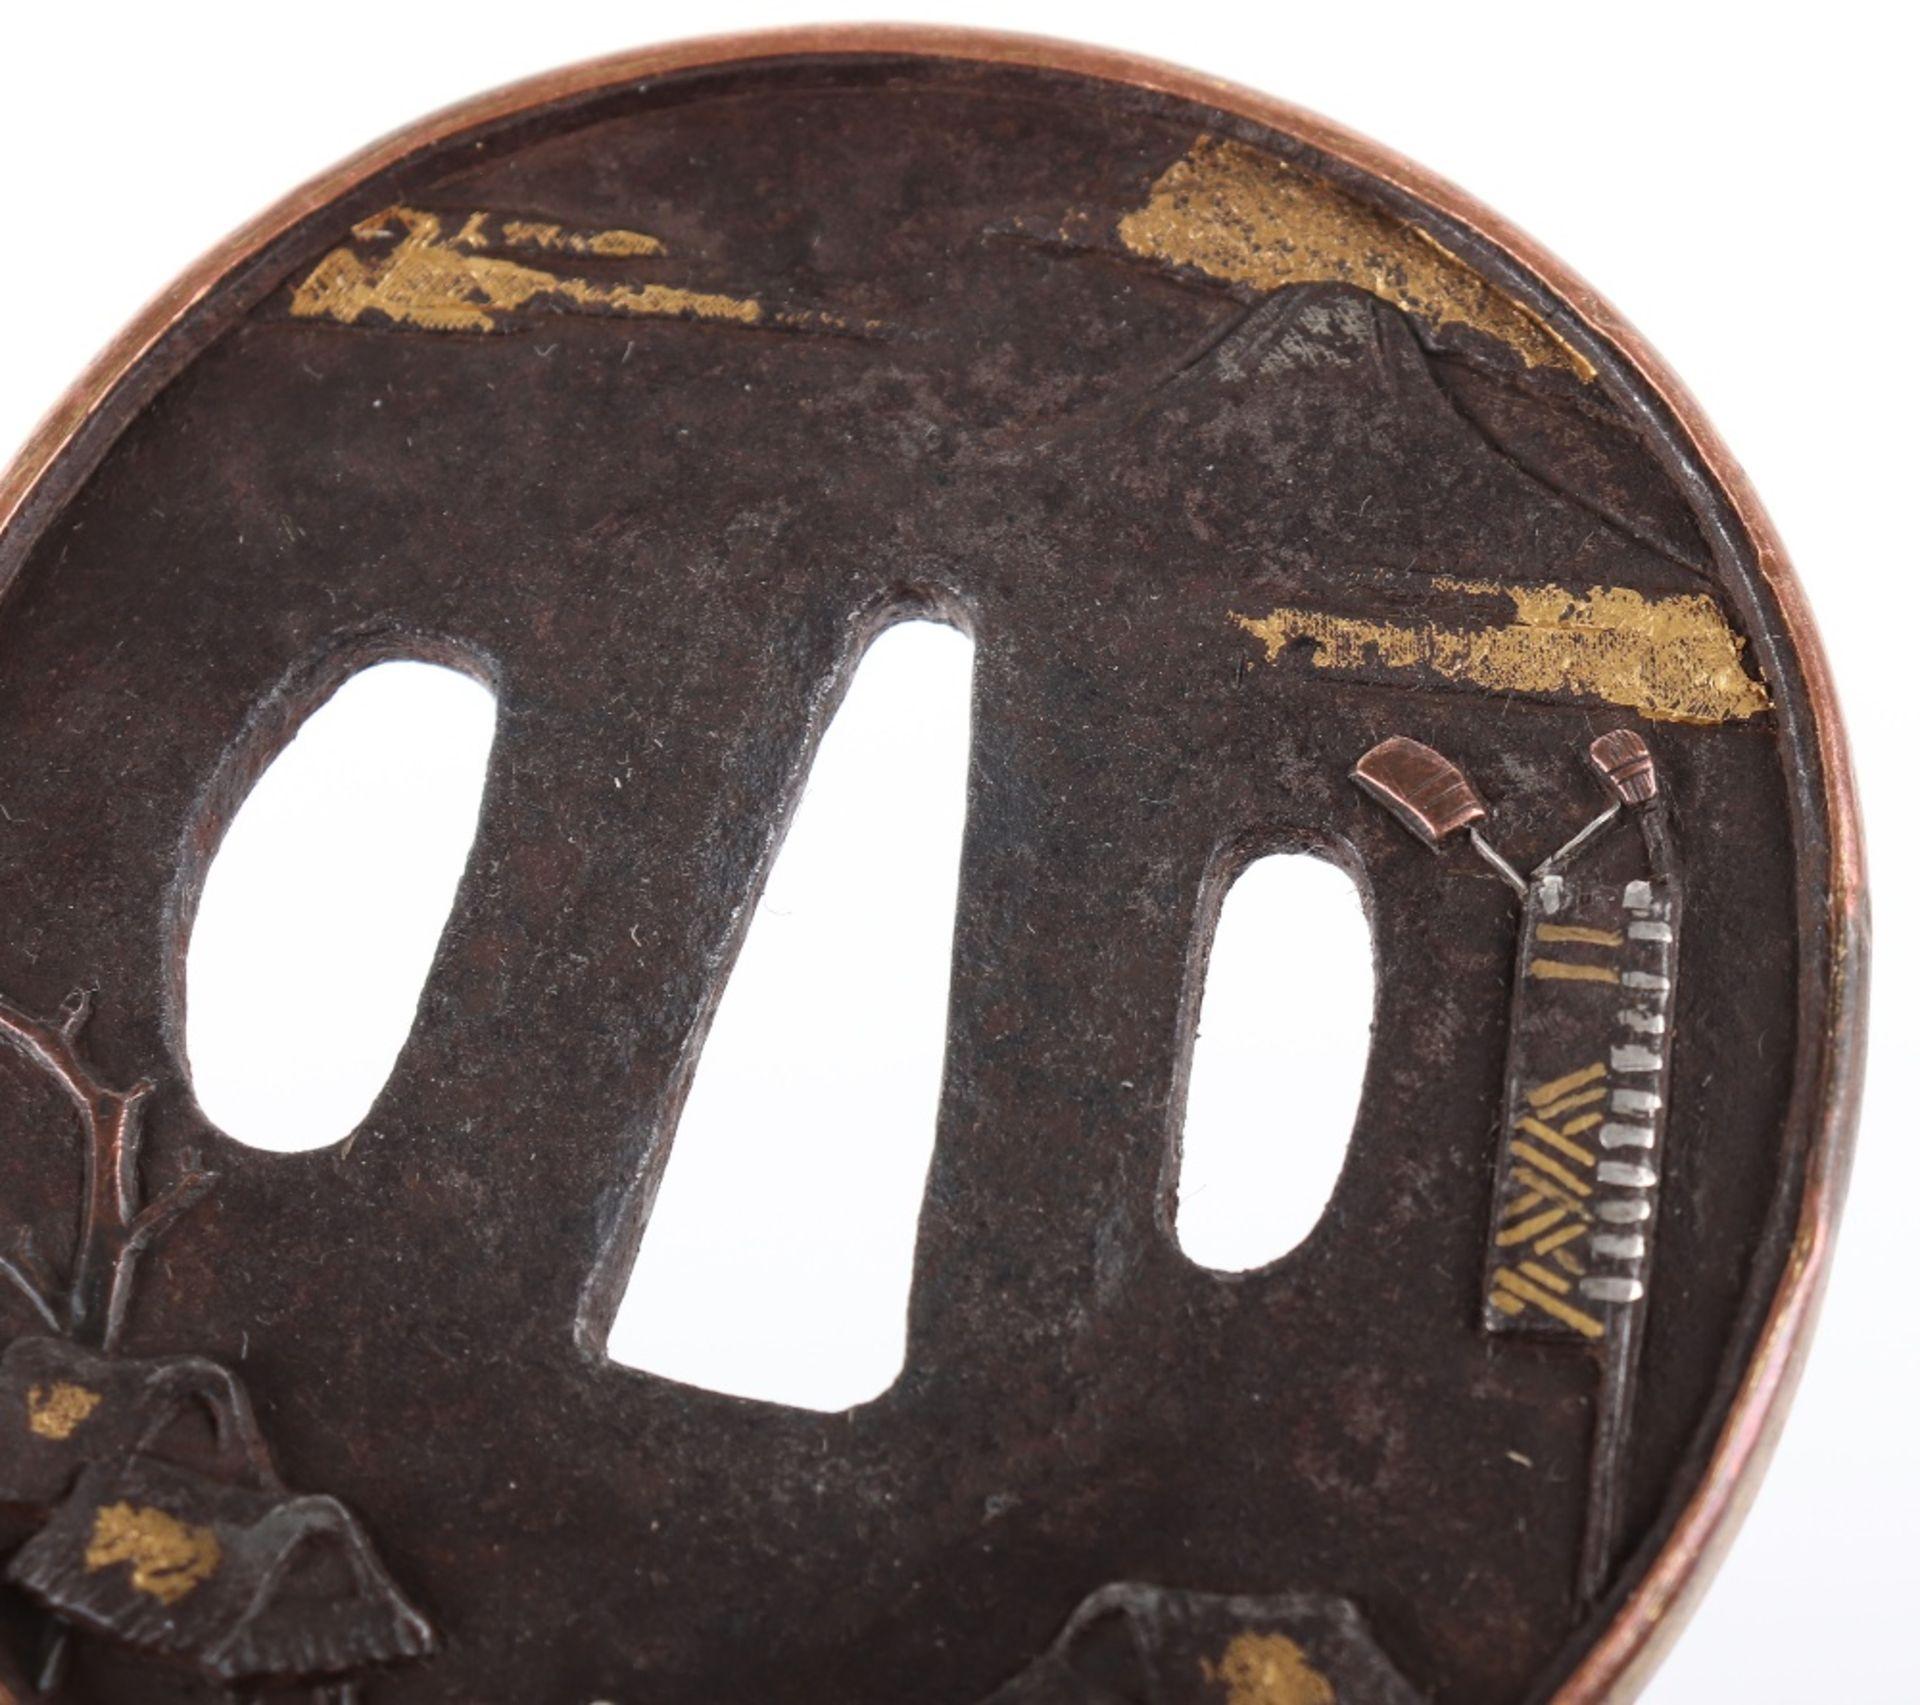 Japanese Oval Iron Edo Tsuba, 19th Century - Image 3 of 8